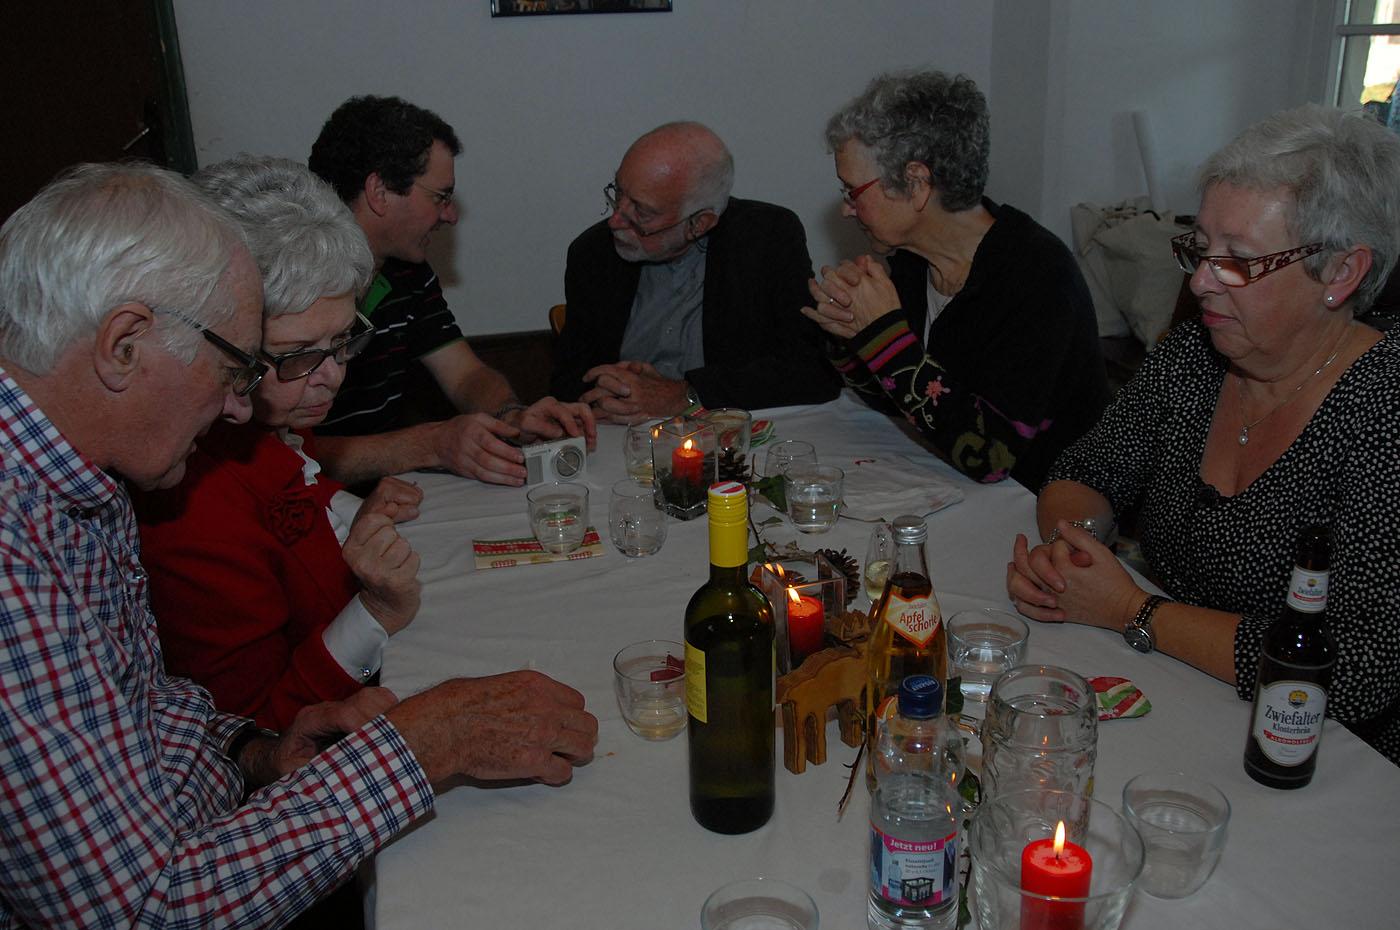 Familientag_23.11.14-Einsiedel_Foto bräu_113